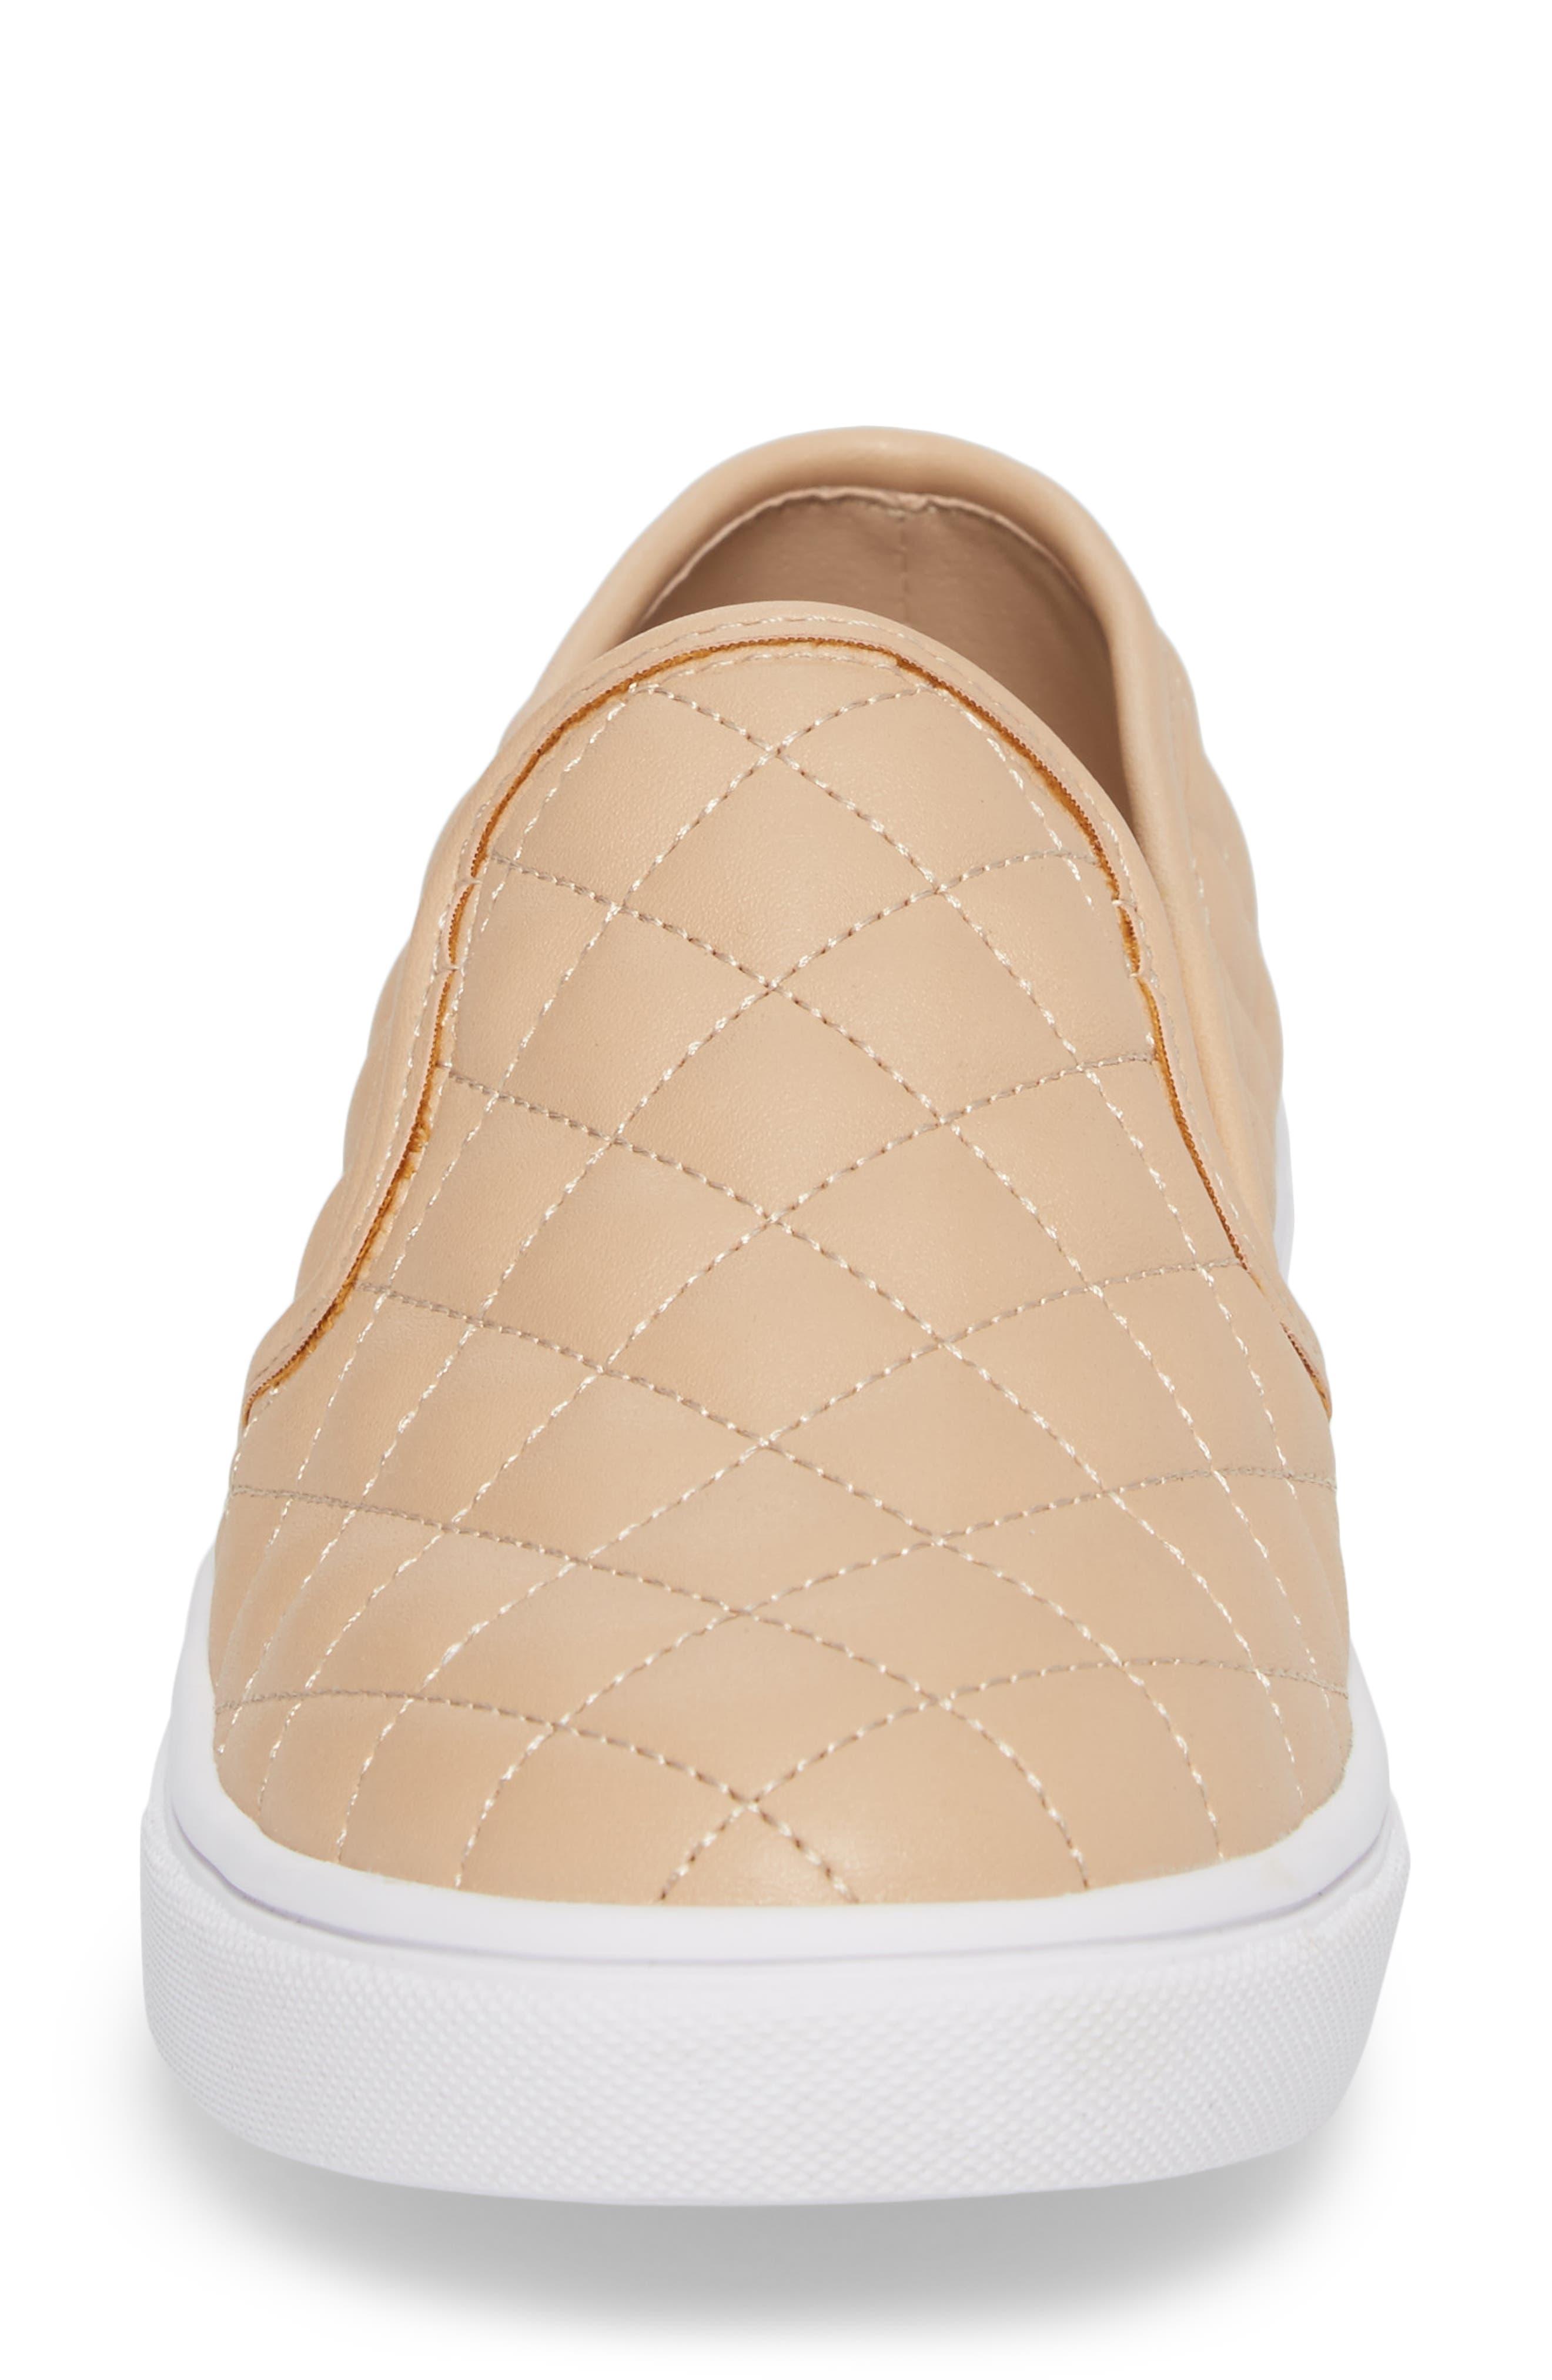 STEVE MADDEN, Ecentrcq Sneaker, Alternate thumbnail 4, color, 250